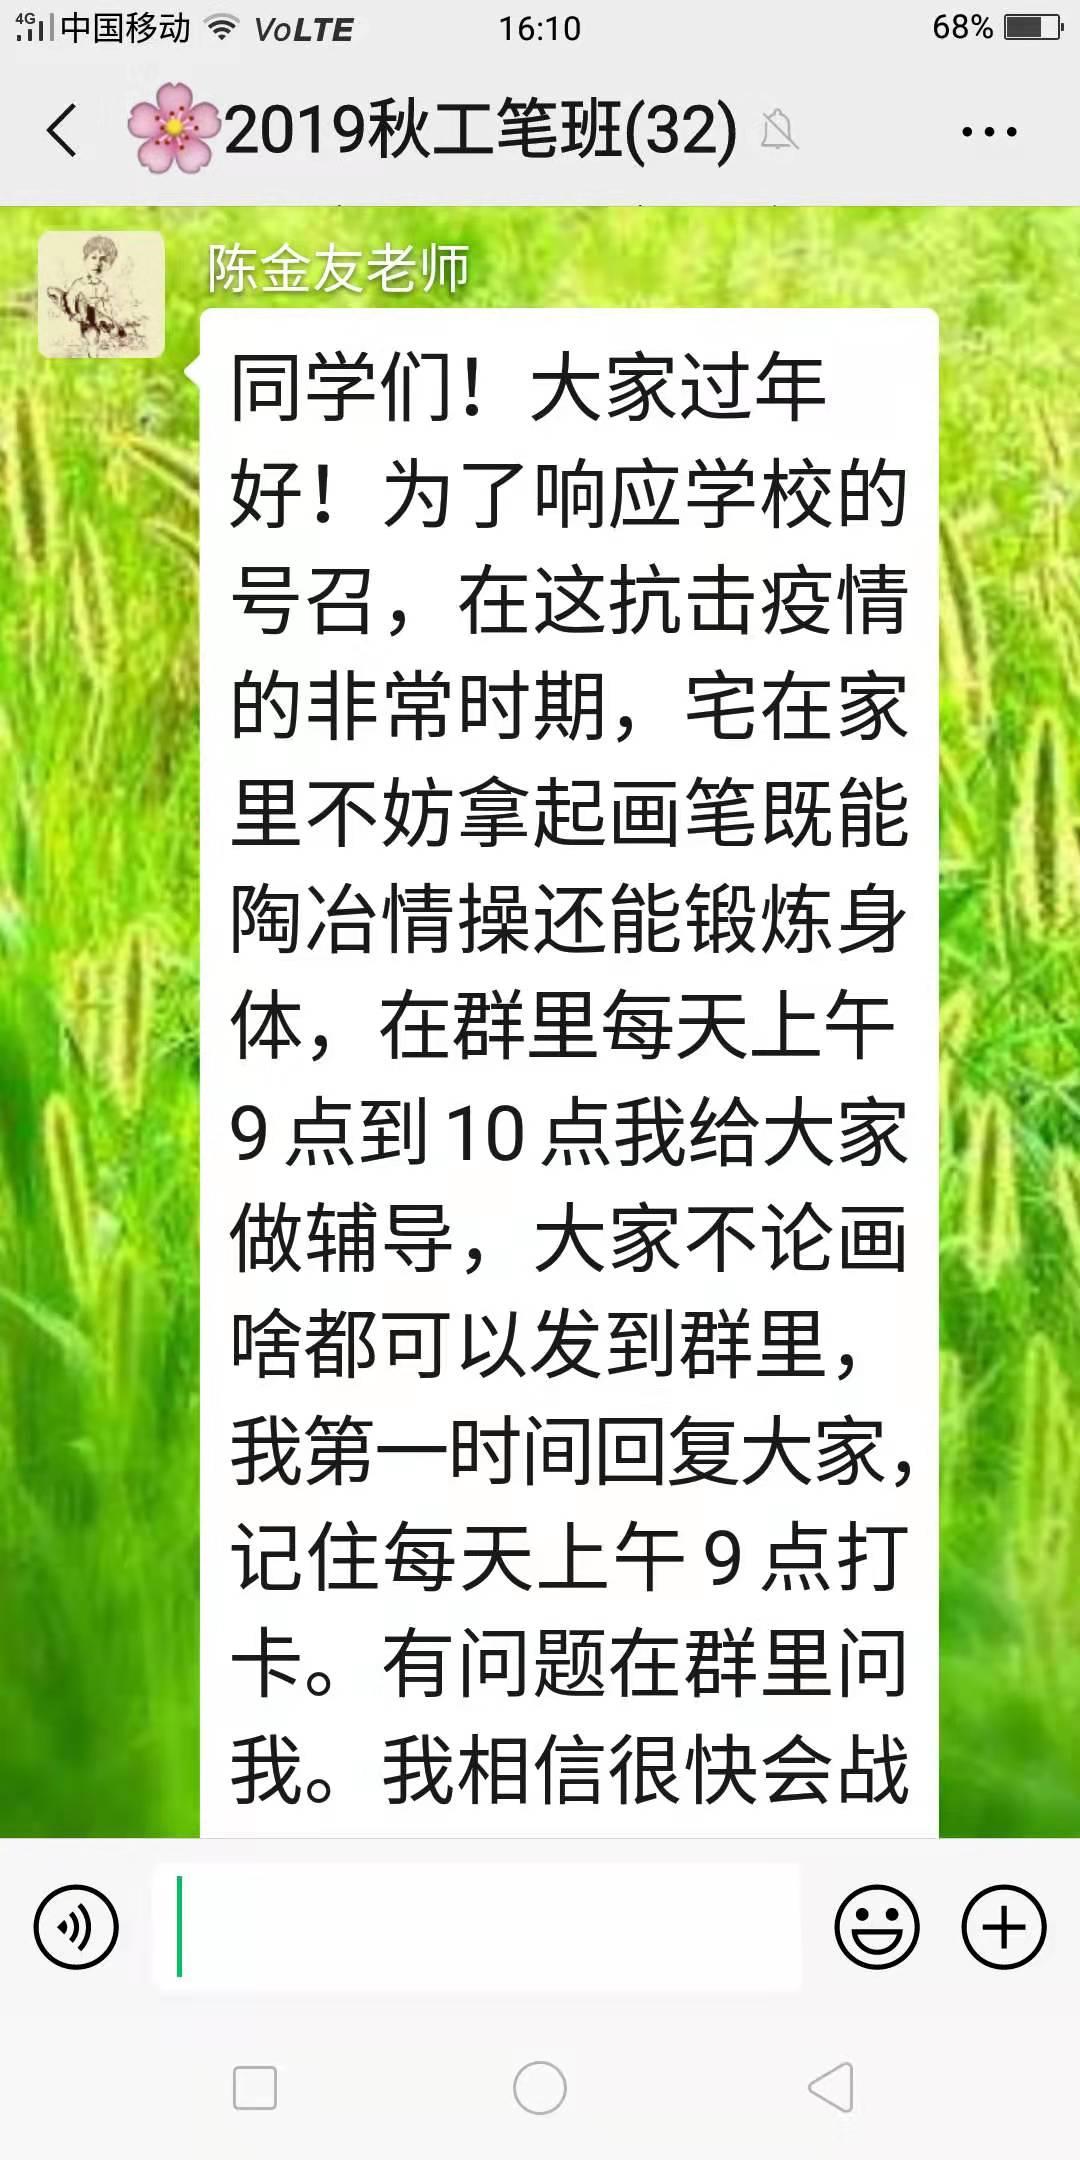 微信图【sheet】_20200207170709